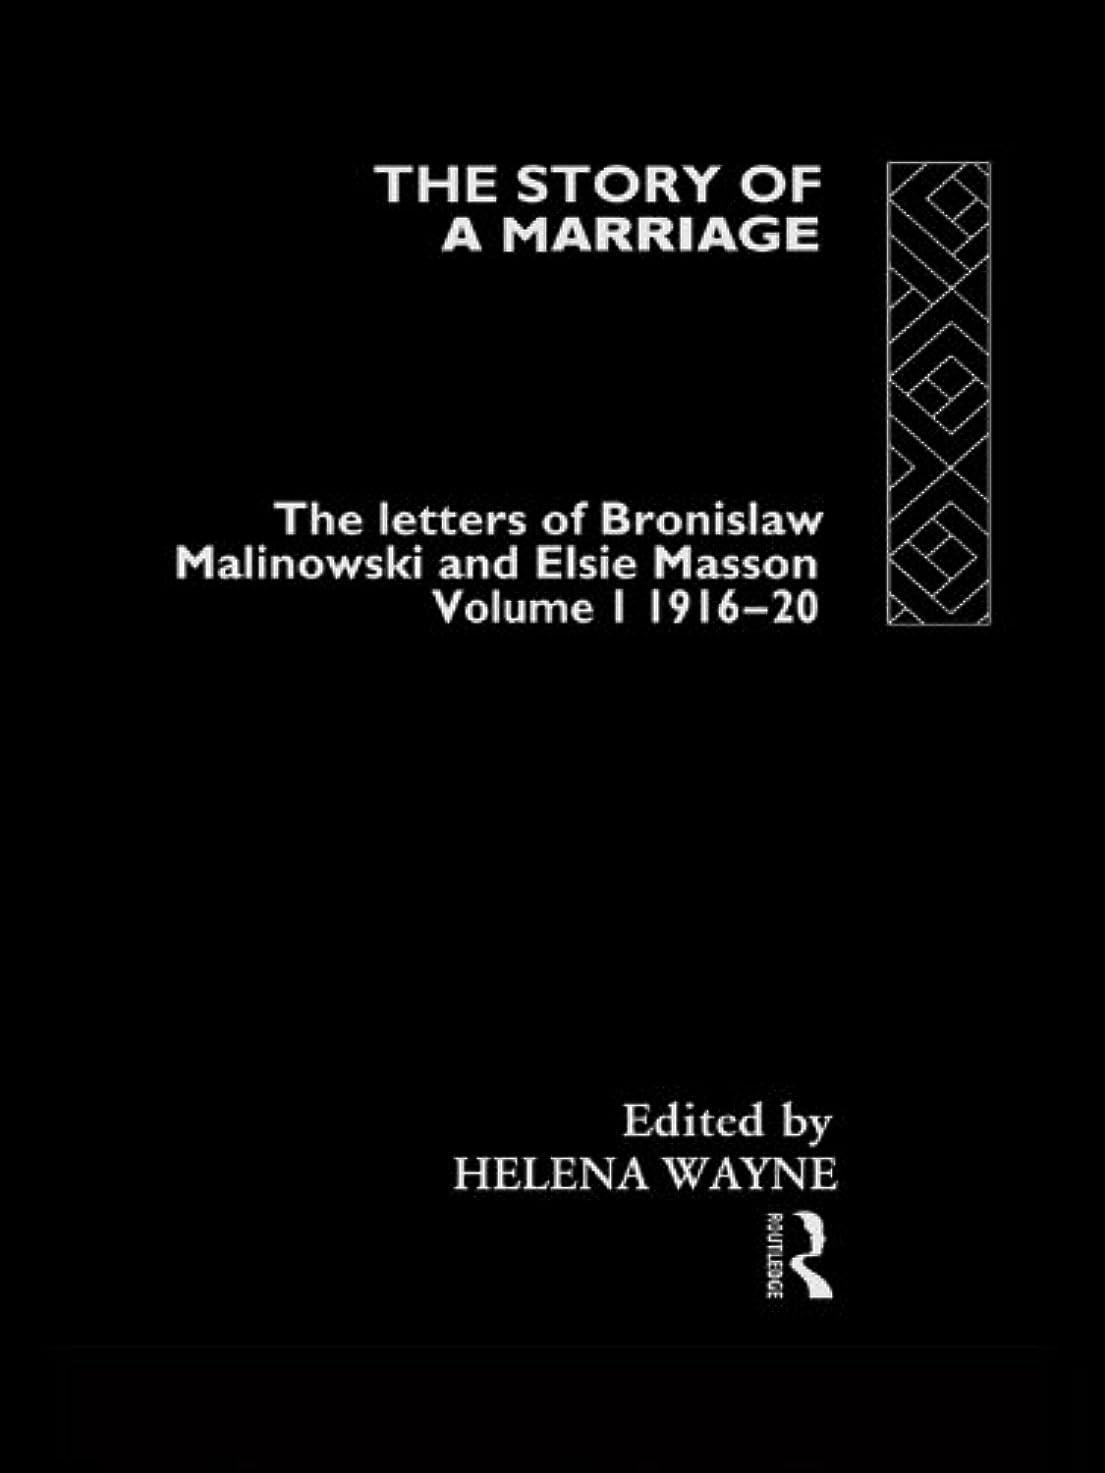 解釈する失望させるニックネームThe Story of a Marriage: The letters of Bronislaw Malinowski and Elsie Masson. Vol I 1916-20 (English Edition)